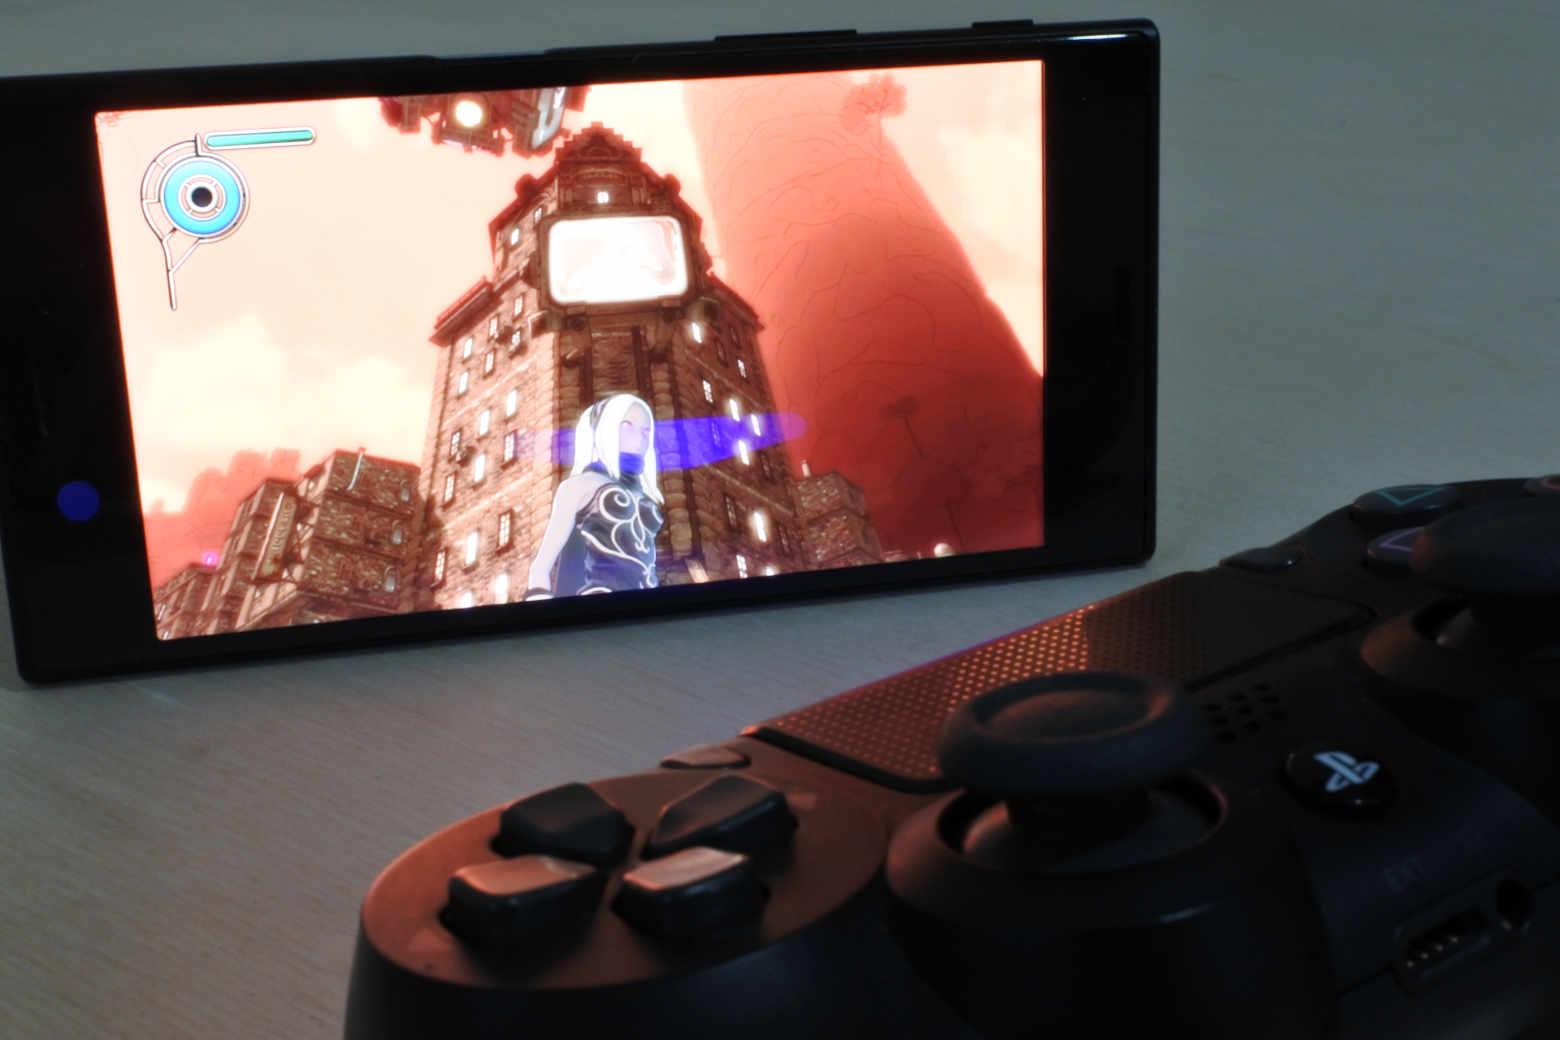 リモートプレイ:XperiaでPS4をリモートする方法とインプレ【PS4/Pro/Xperia/インプレ】